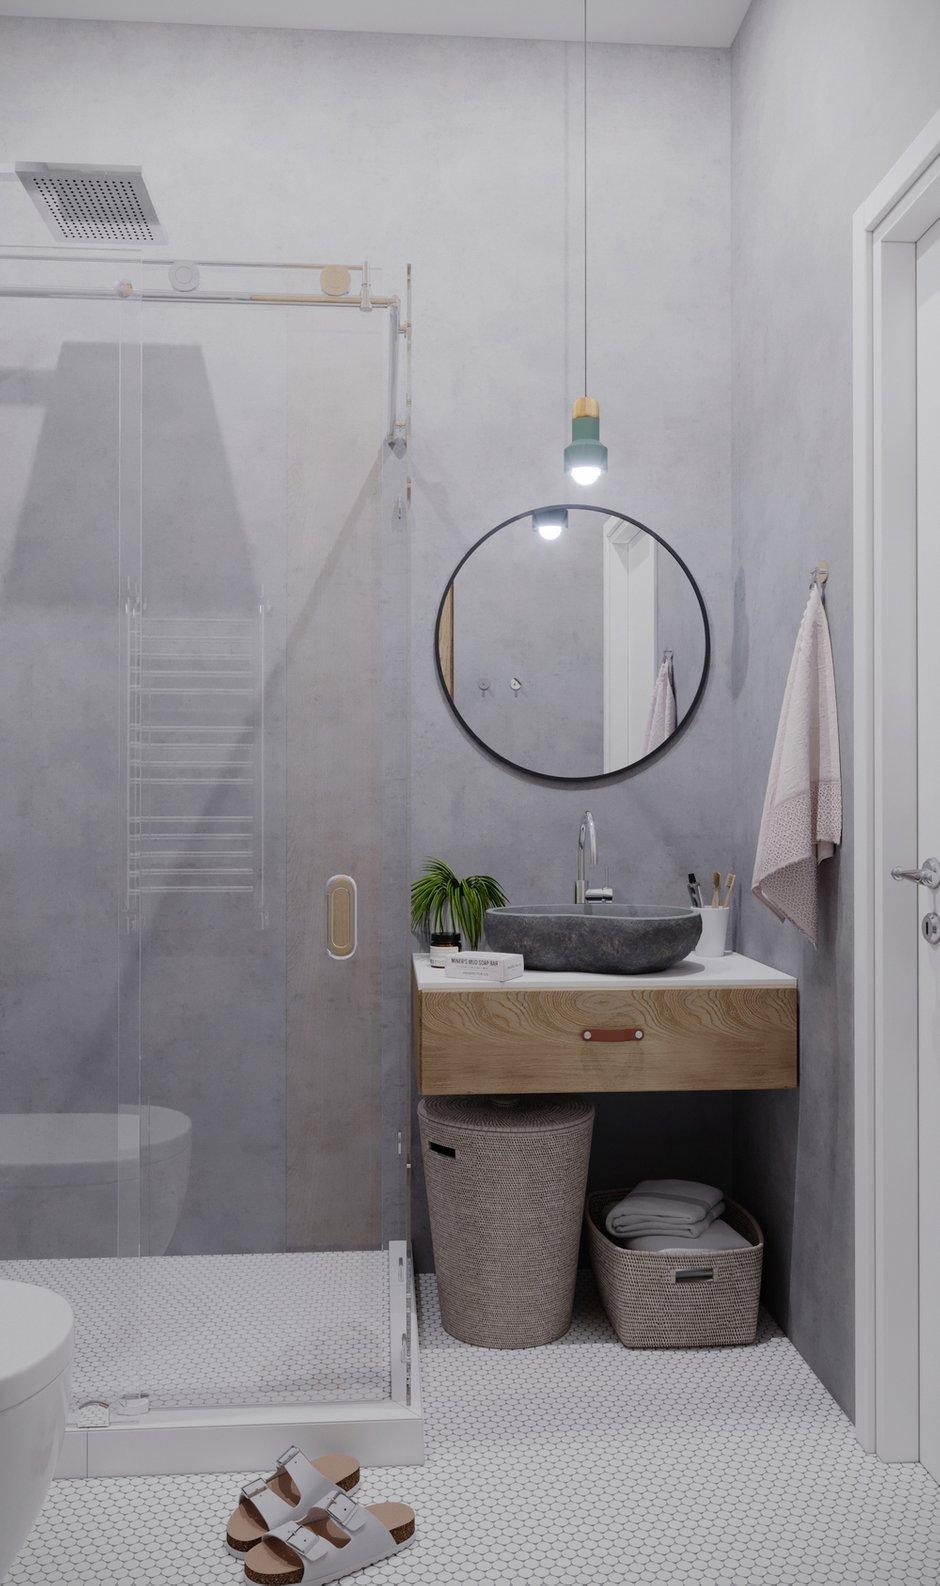 Фотография: Ванная в стиле Минимализм, Квартира, Проект недели, Санкт-Петербург, 1 комната, 40-60 метров, Монолитно-кирпичный, Студия 20:18 – фото на INMYROOM